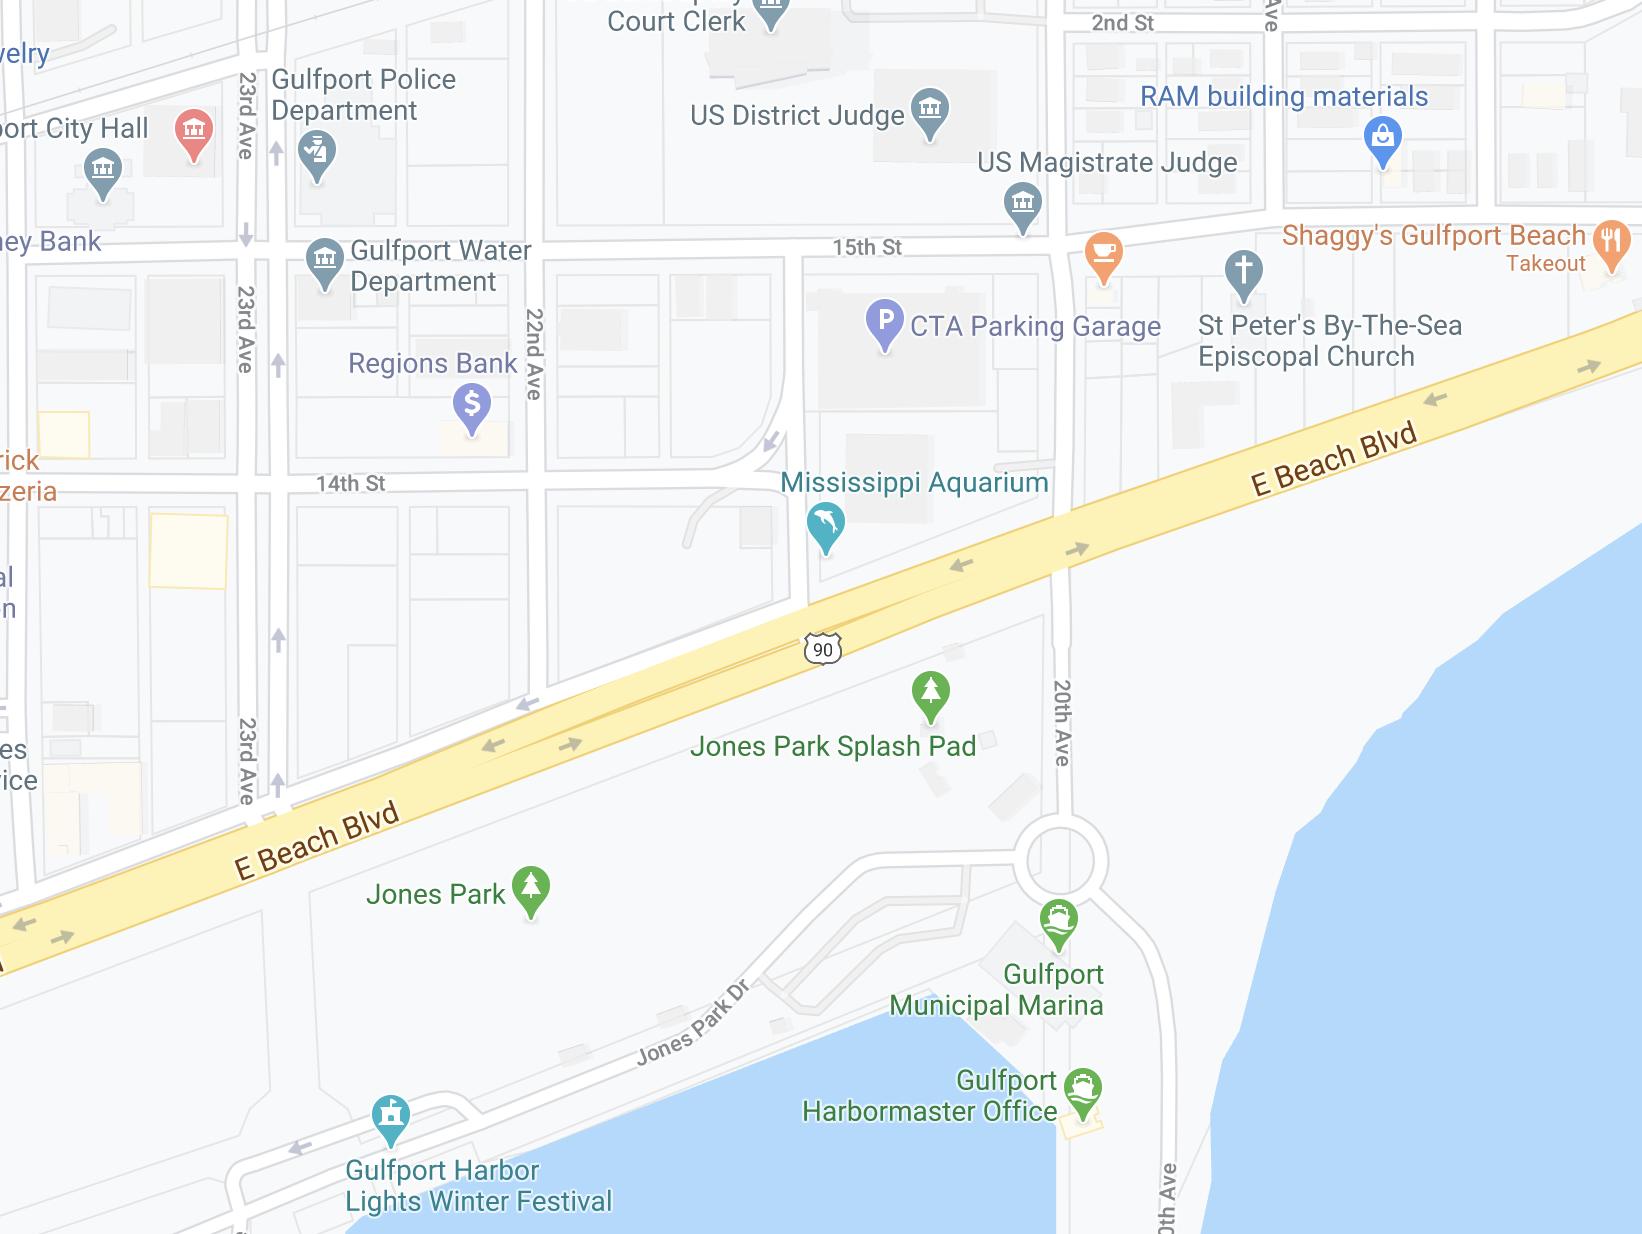 Map of Mississippi Aquarium's location